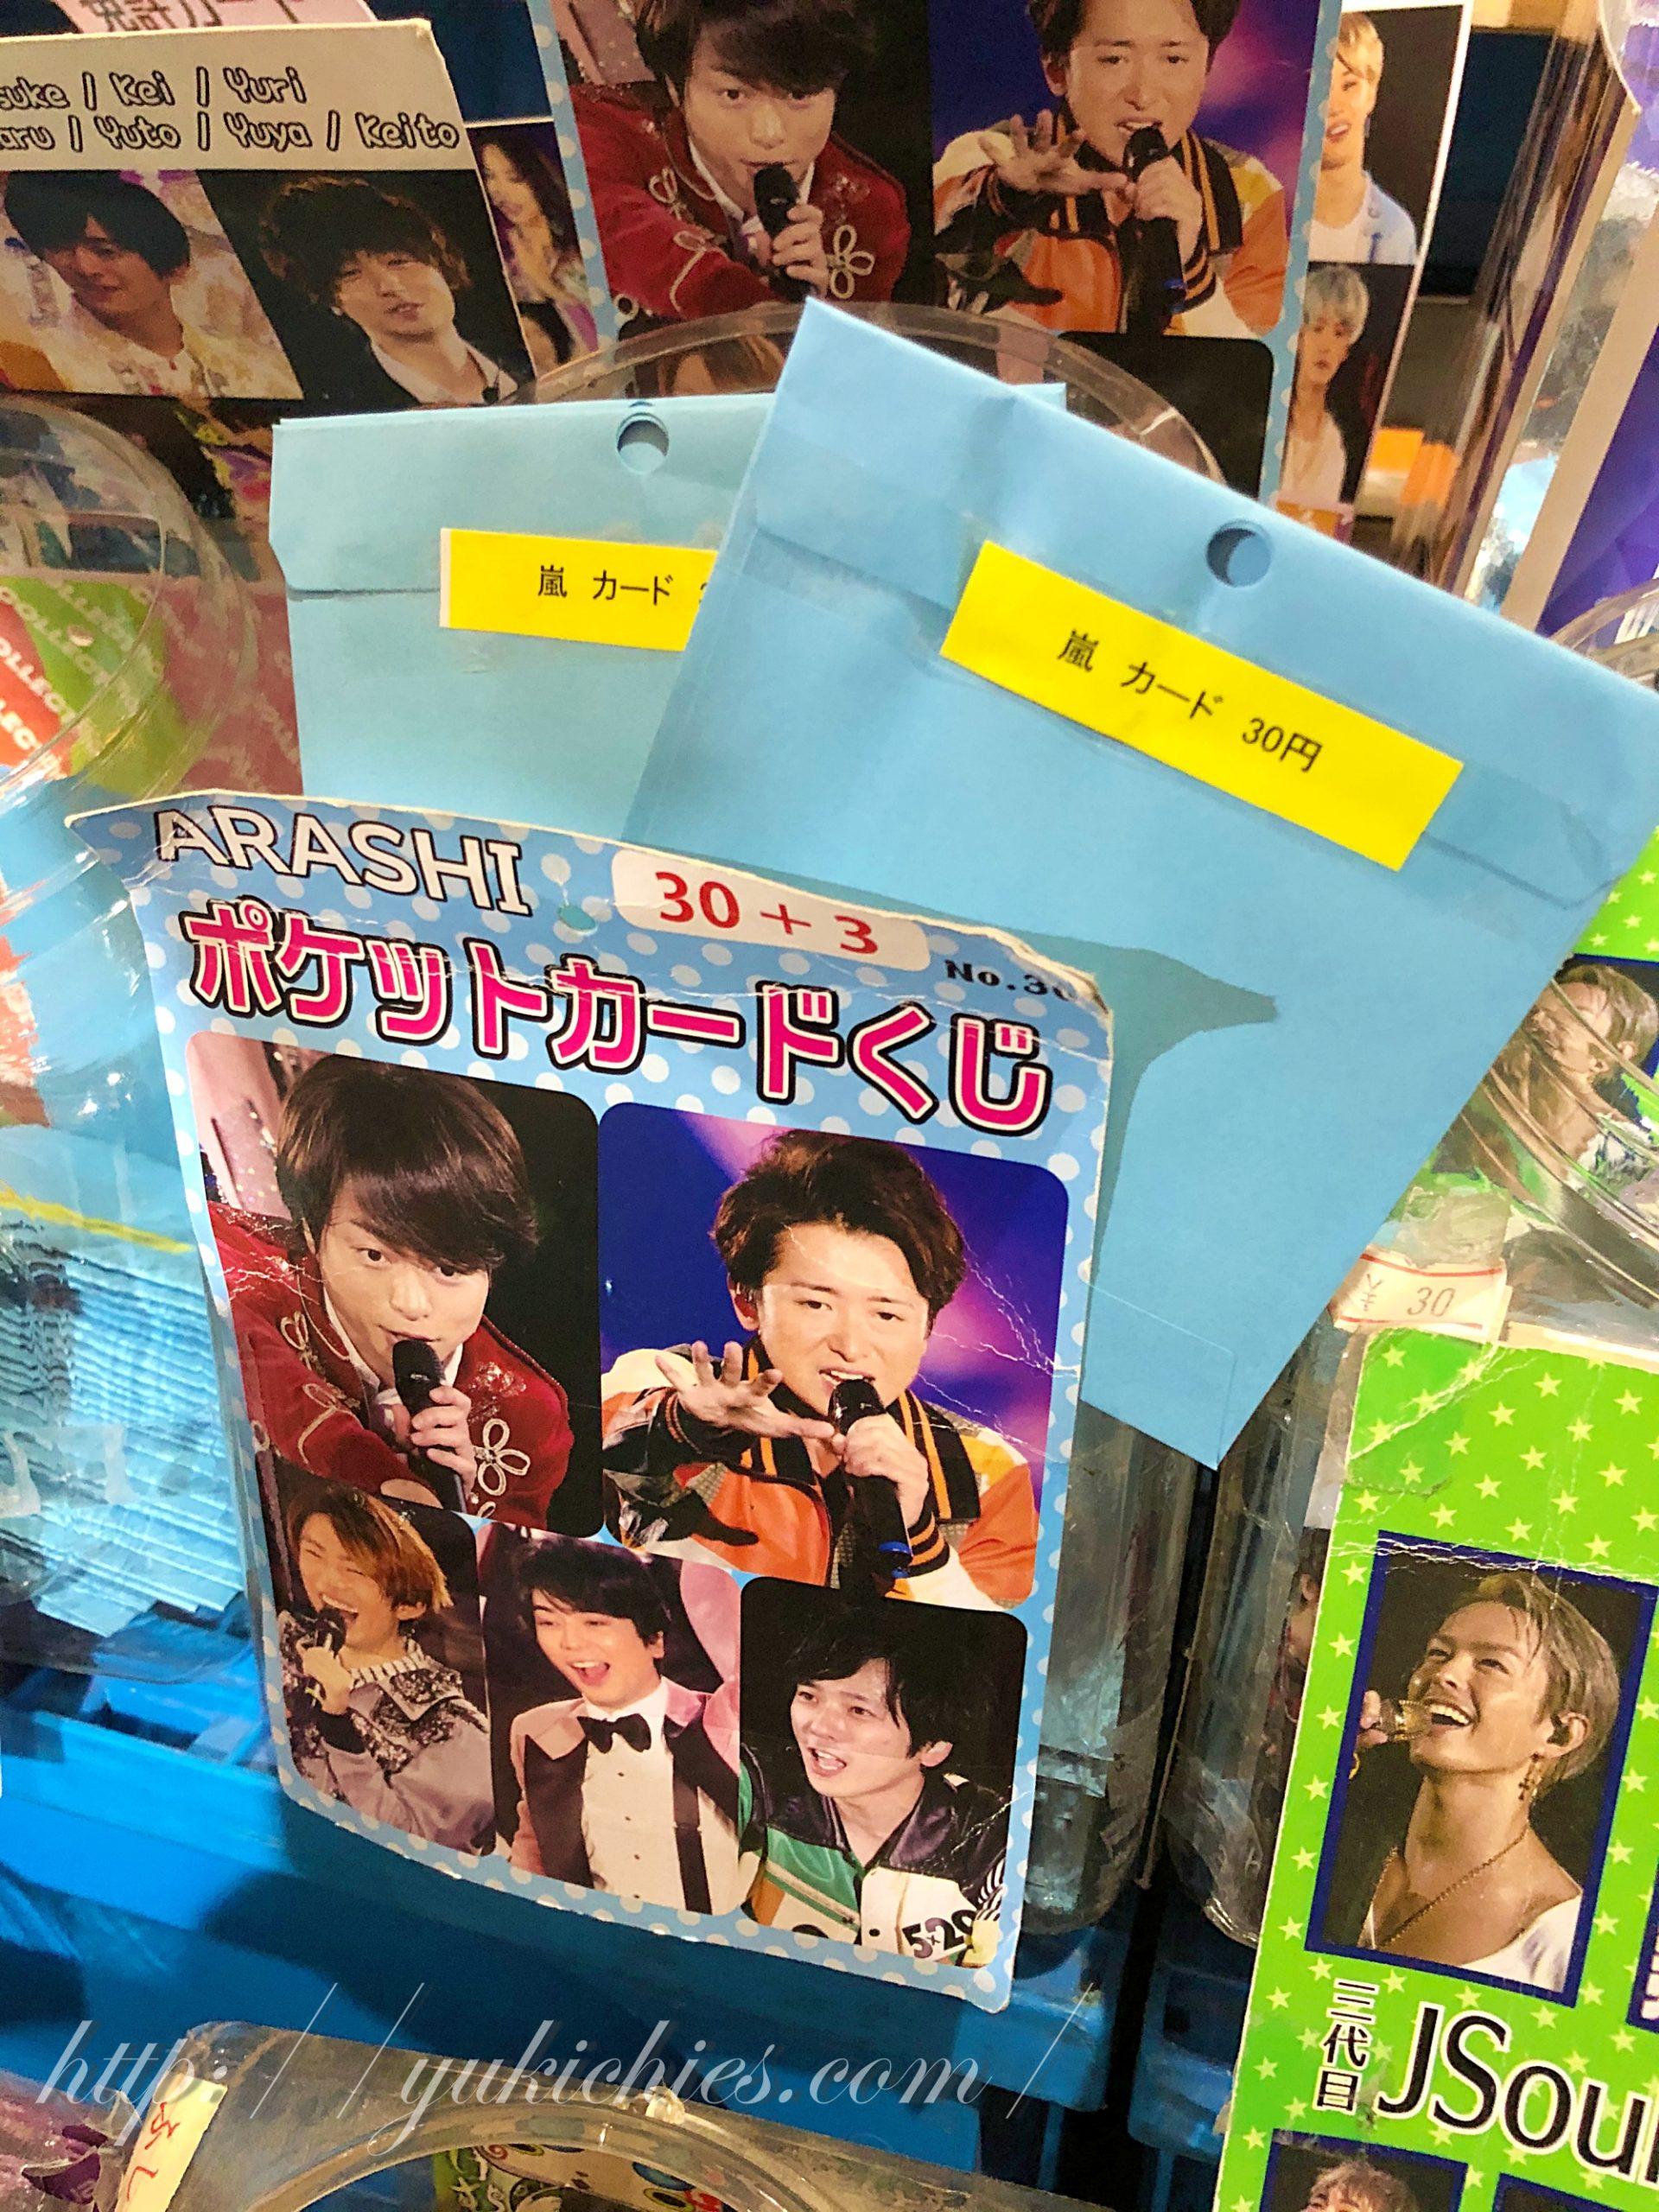 岡山県 日本一の駄菓子売り場 arashi 嵐ポケットカードくじ